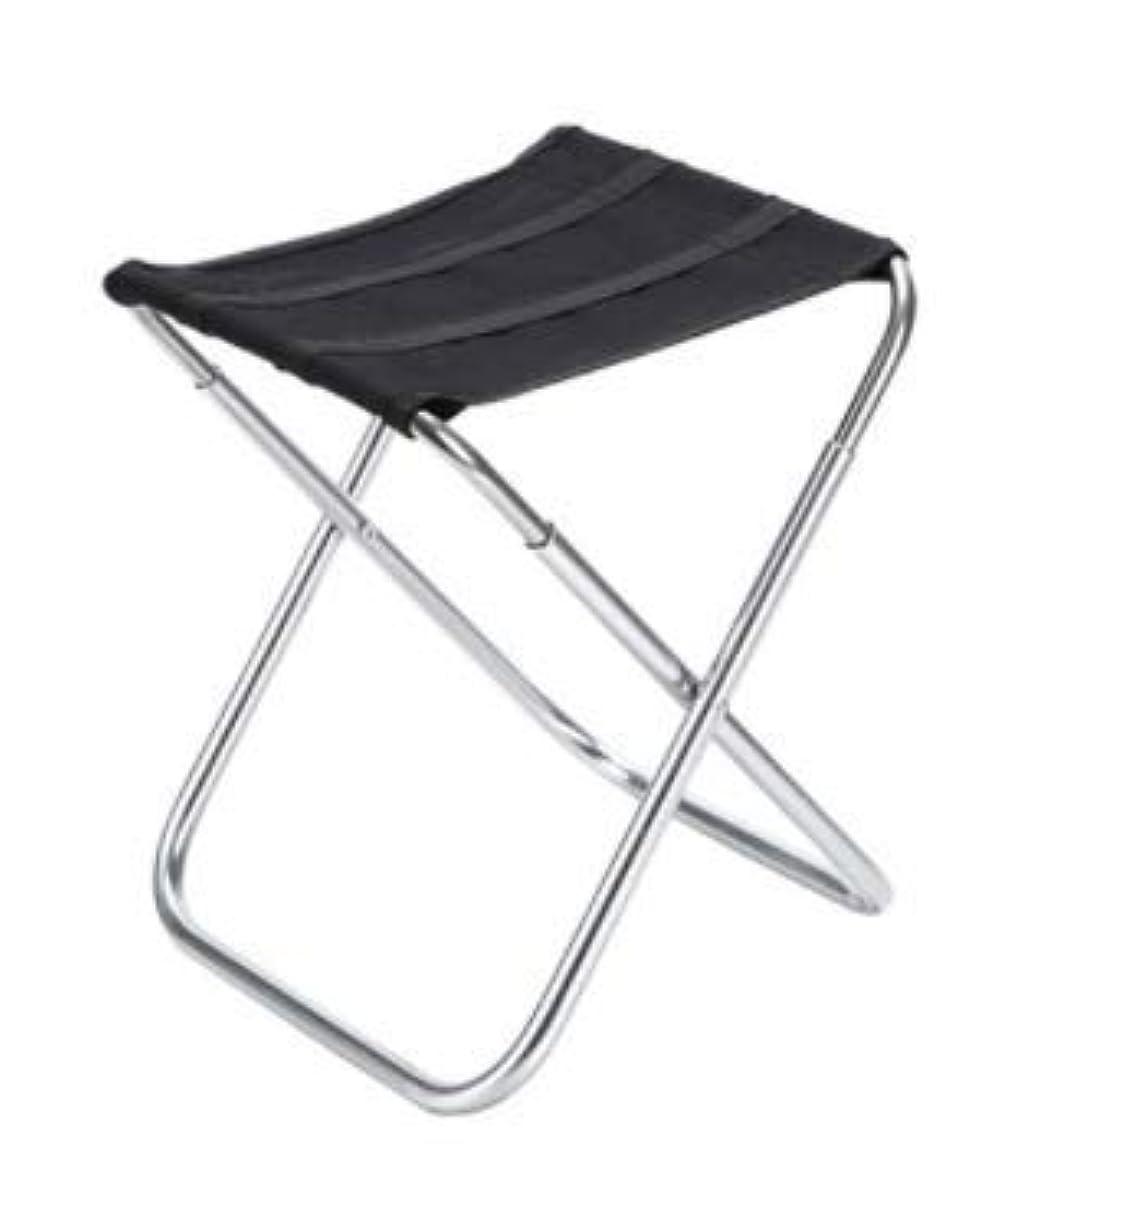 愛情深い明確な通信網アルミ釣り椅子釣り椅子折りたたみスツール屋外レジャーチェア (Color : ブラック)